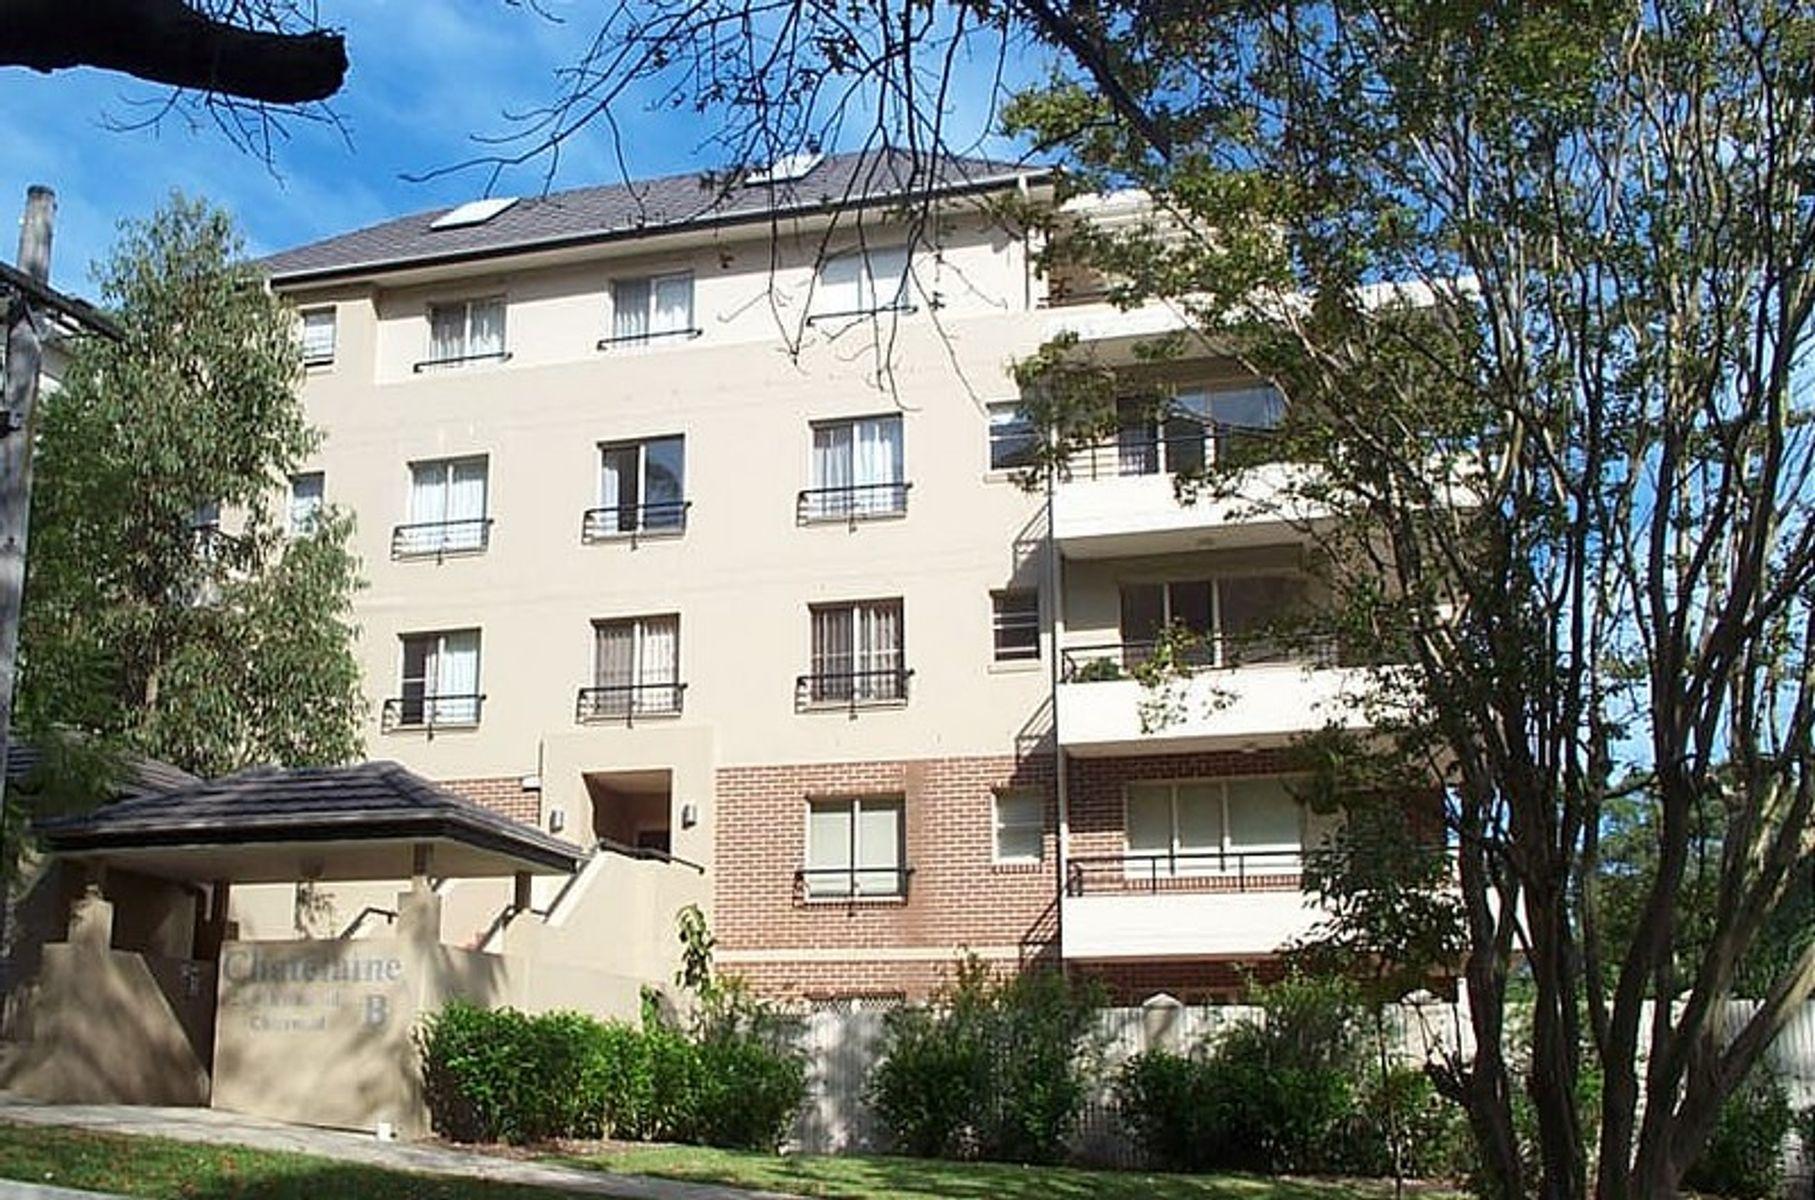 105B/28 Whitton Road, Chatswood, NSW 2067